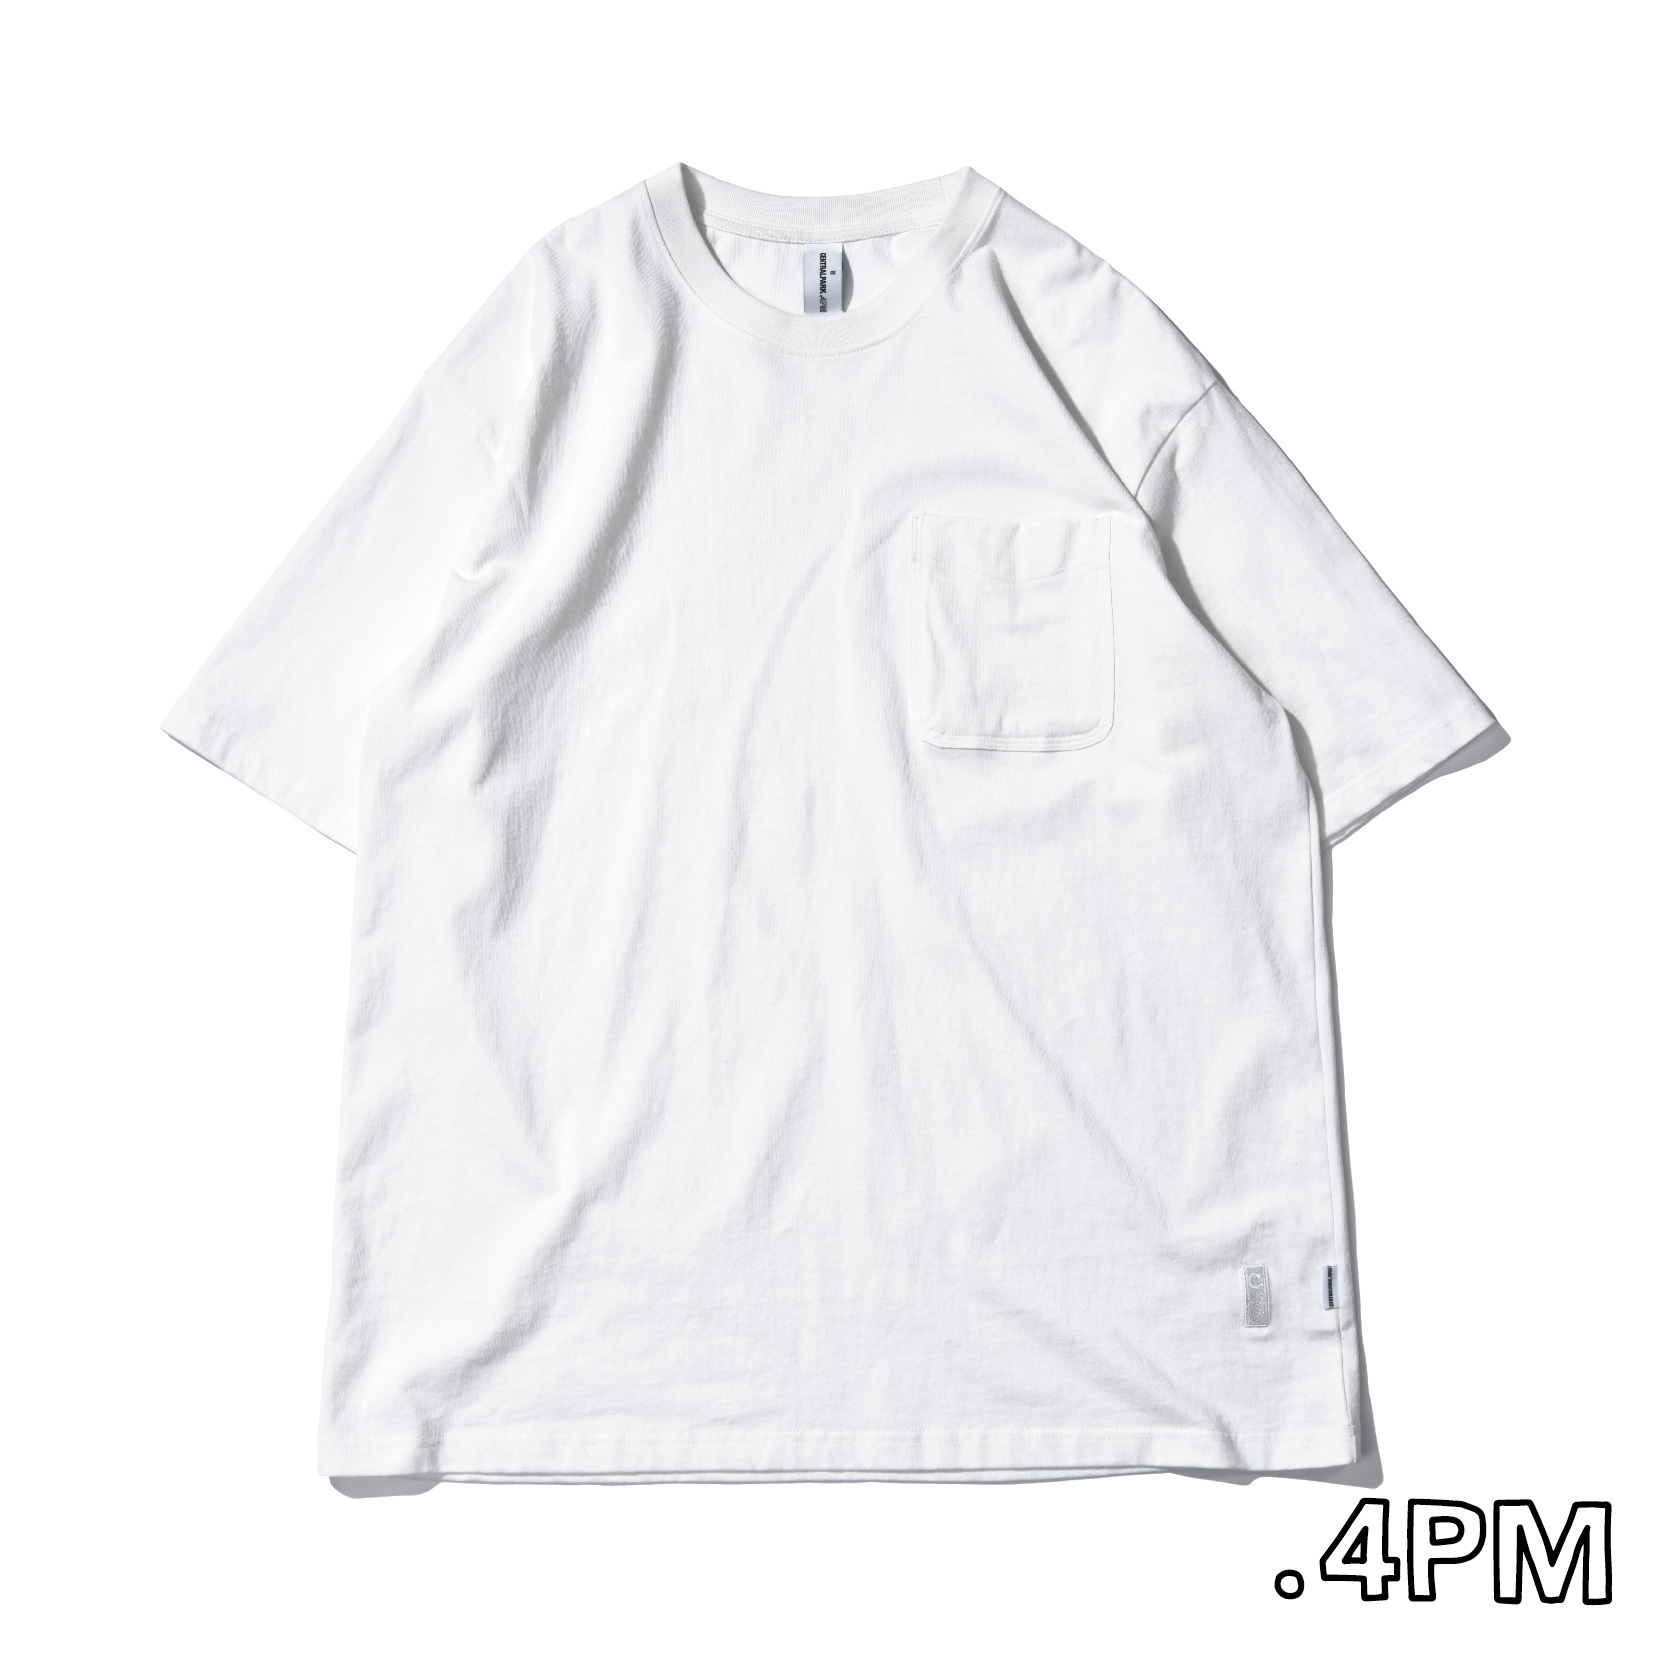 Centralpark.4pm Premium-C Pocket T-Shirt / warm white